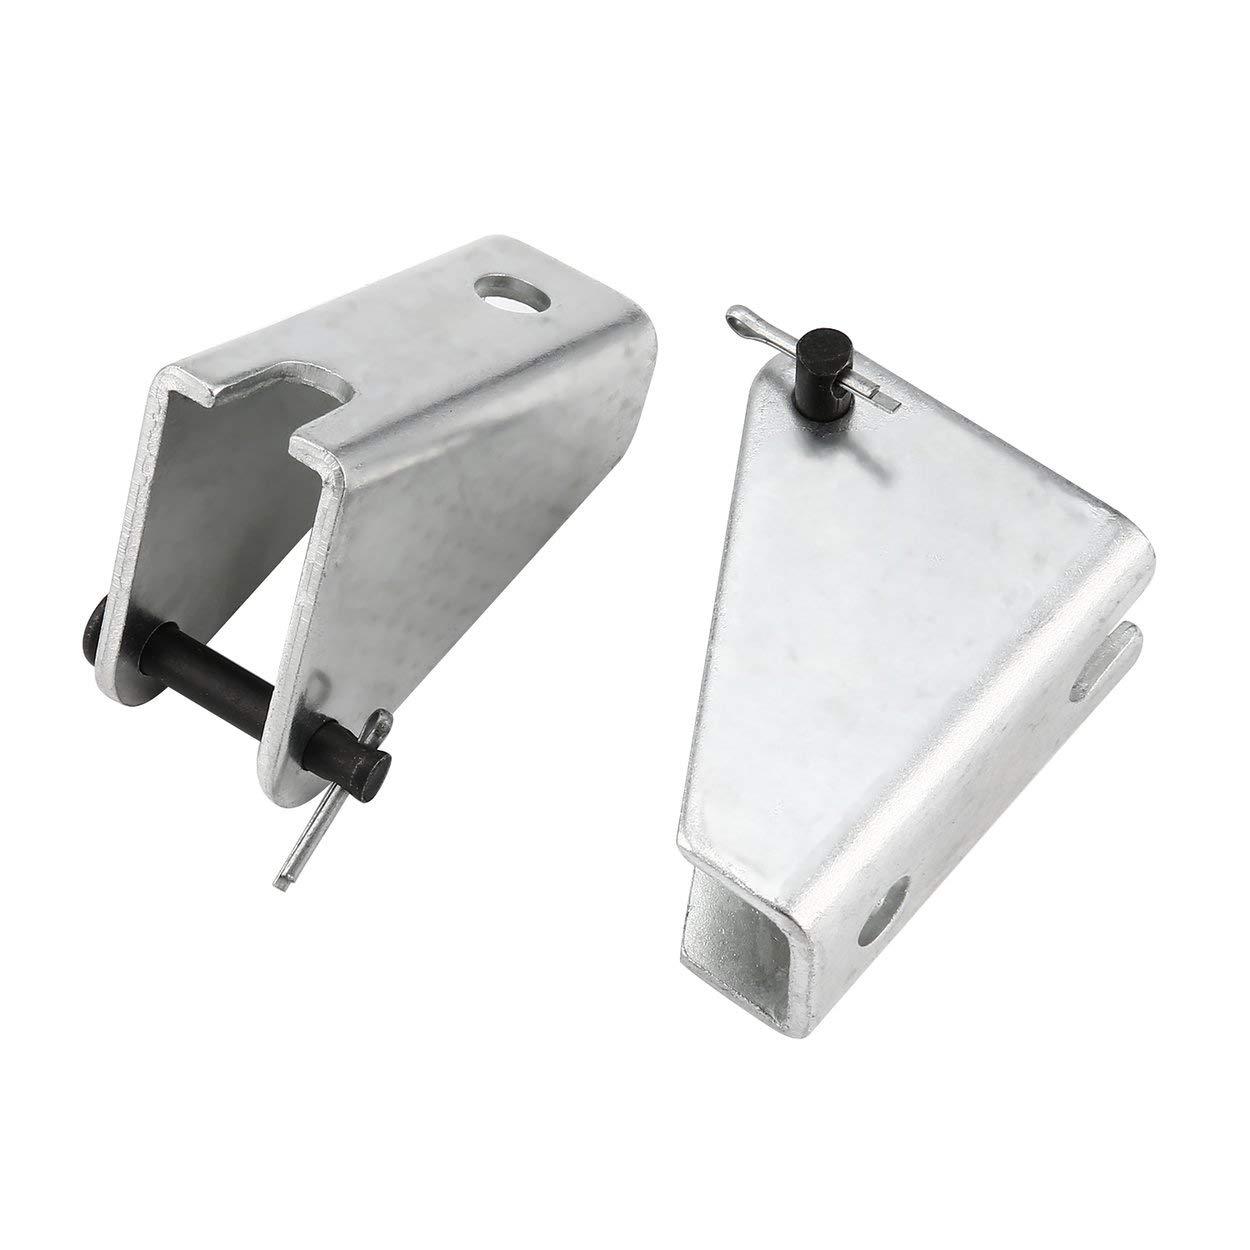 Relabouting 2 Piezas Motor de Varilla de Empuje el/éctrico Soporte de actuador Lineal de Servicio Pesado Motor rec/íproco de CC Soporte de Montaje port/átil